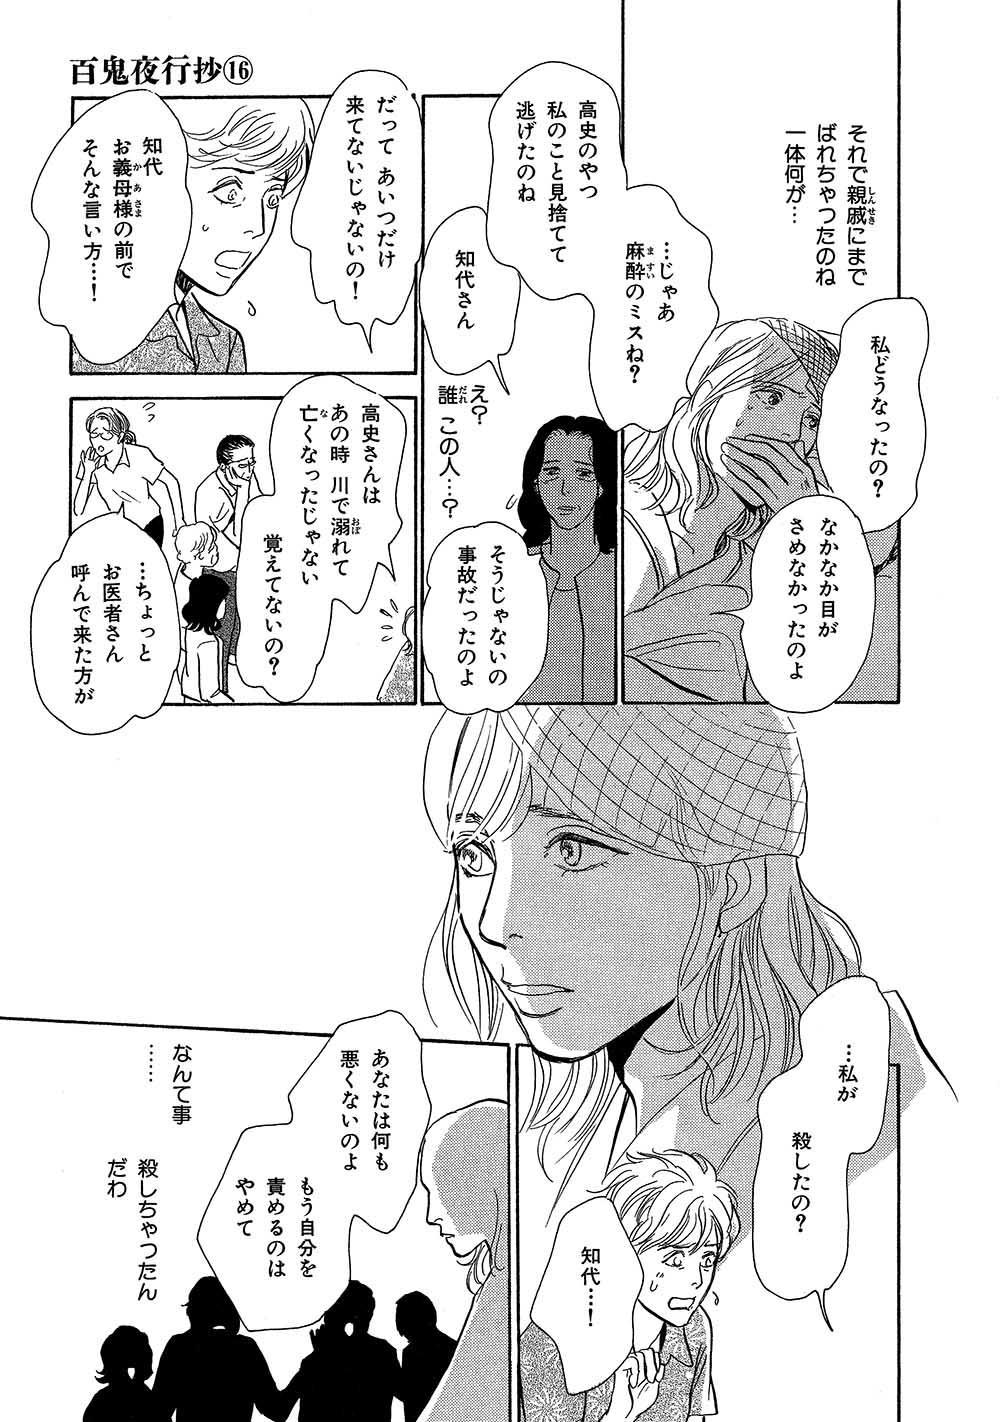 hyakki_0016_0075.jpg